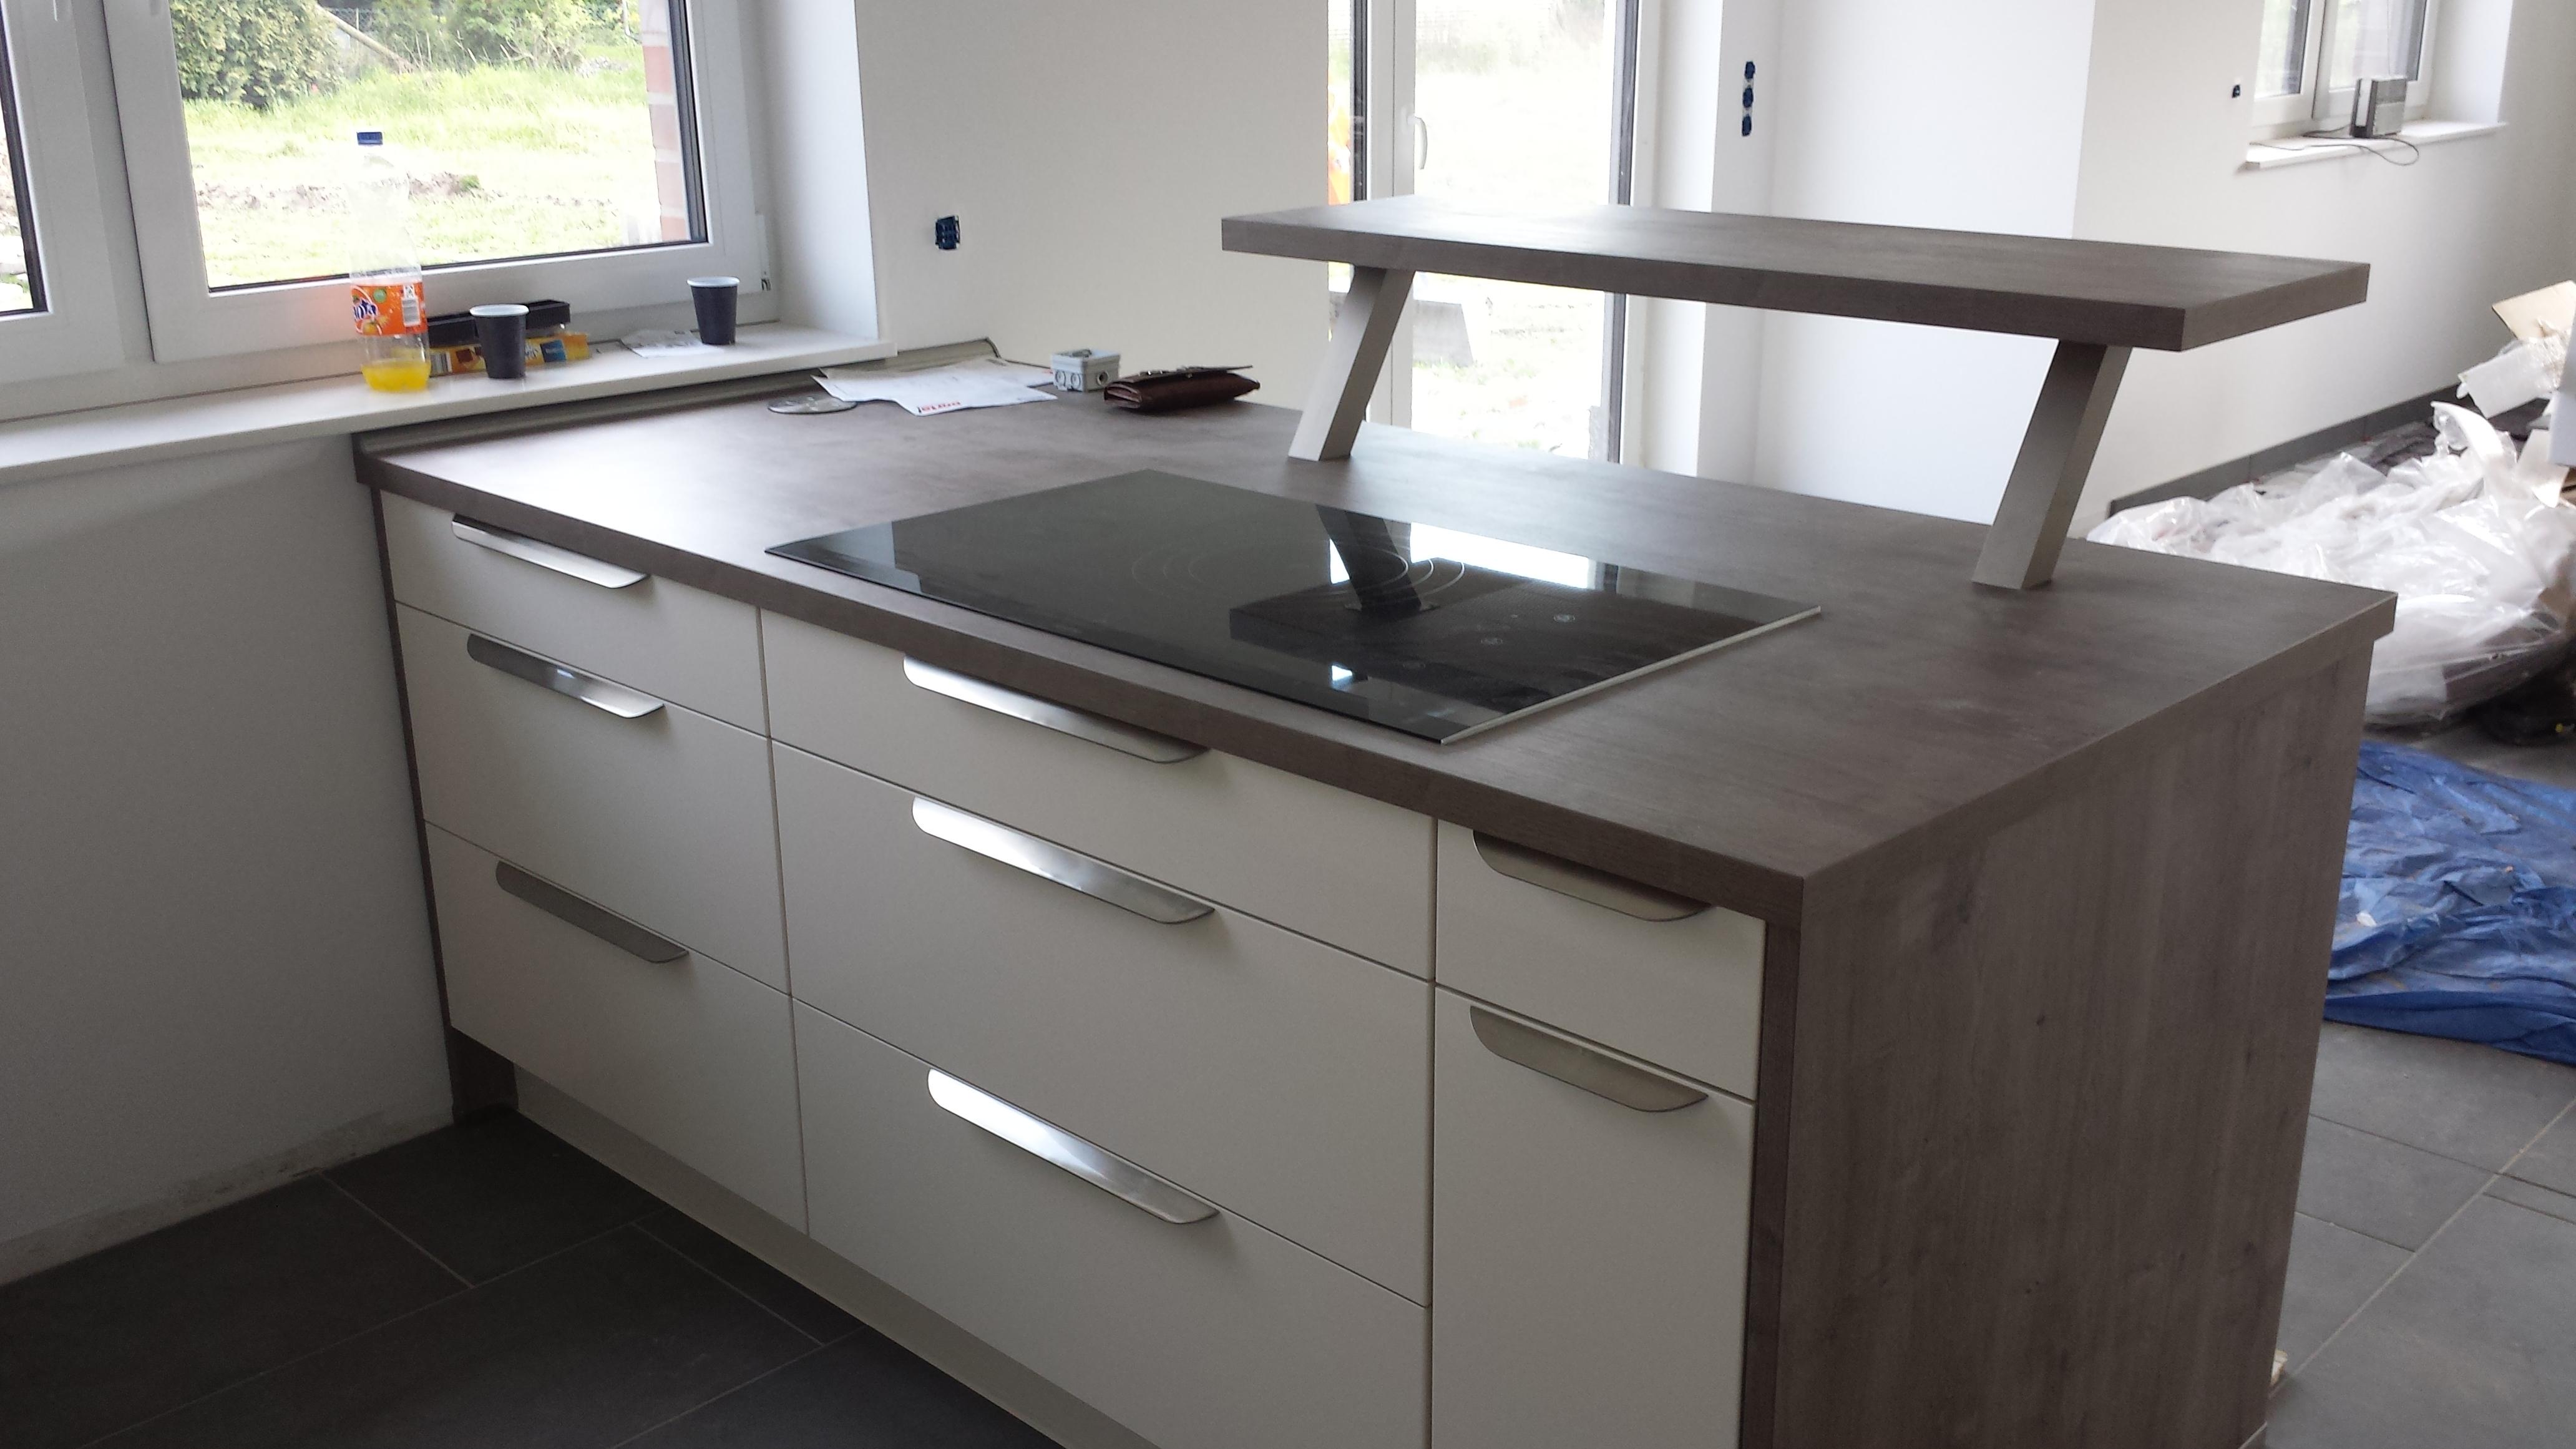 Gut bekannt Kücheninseln Einzeln   Küche Unterschrank Einteilung   Linee Küche Der WM24